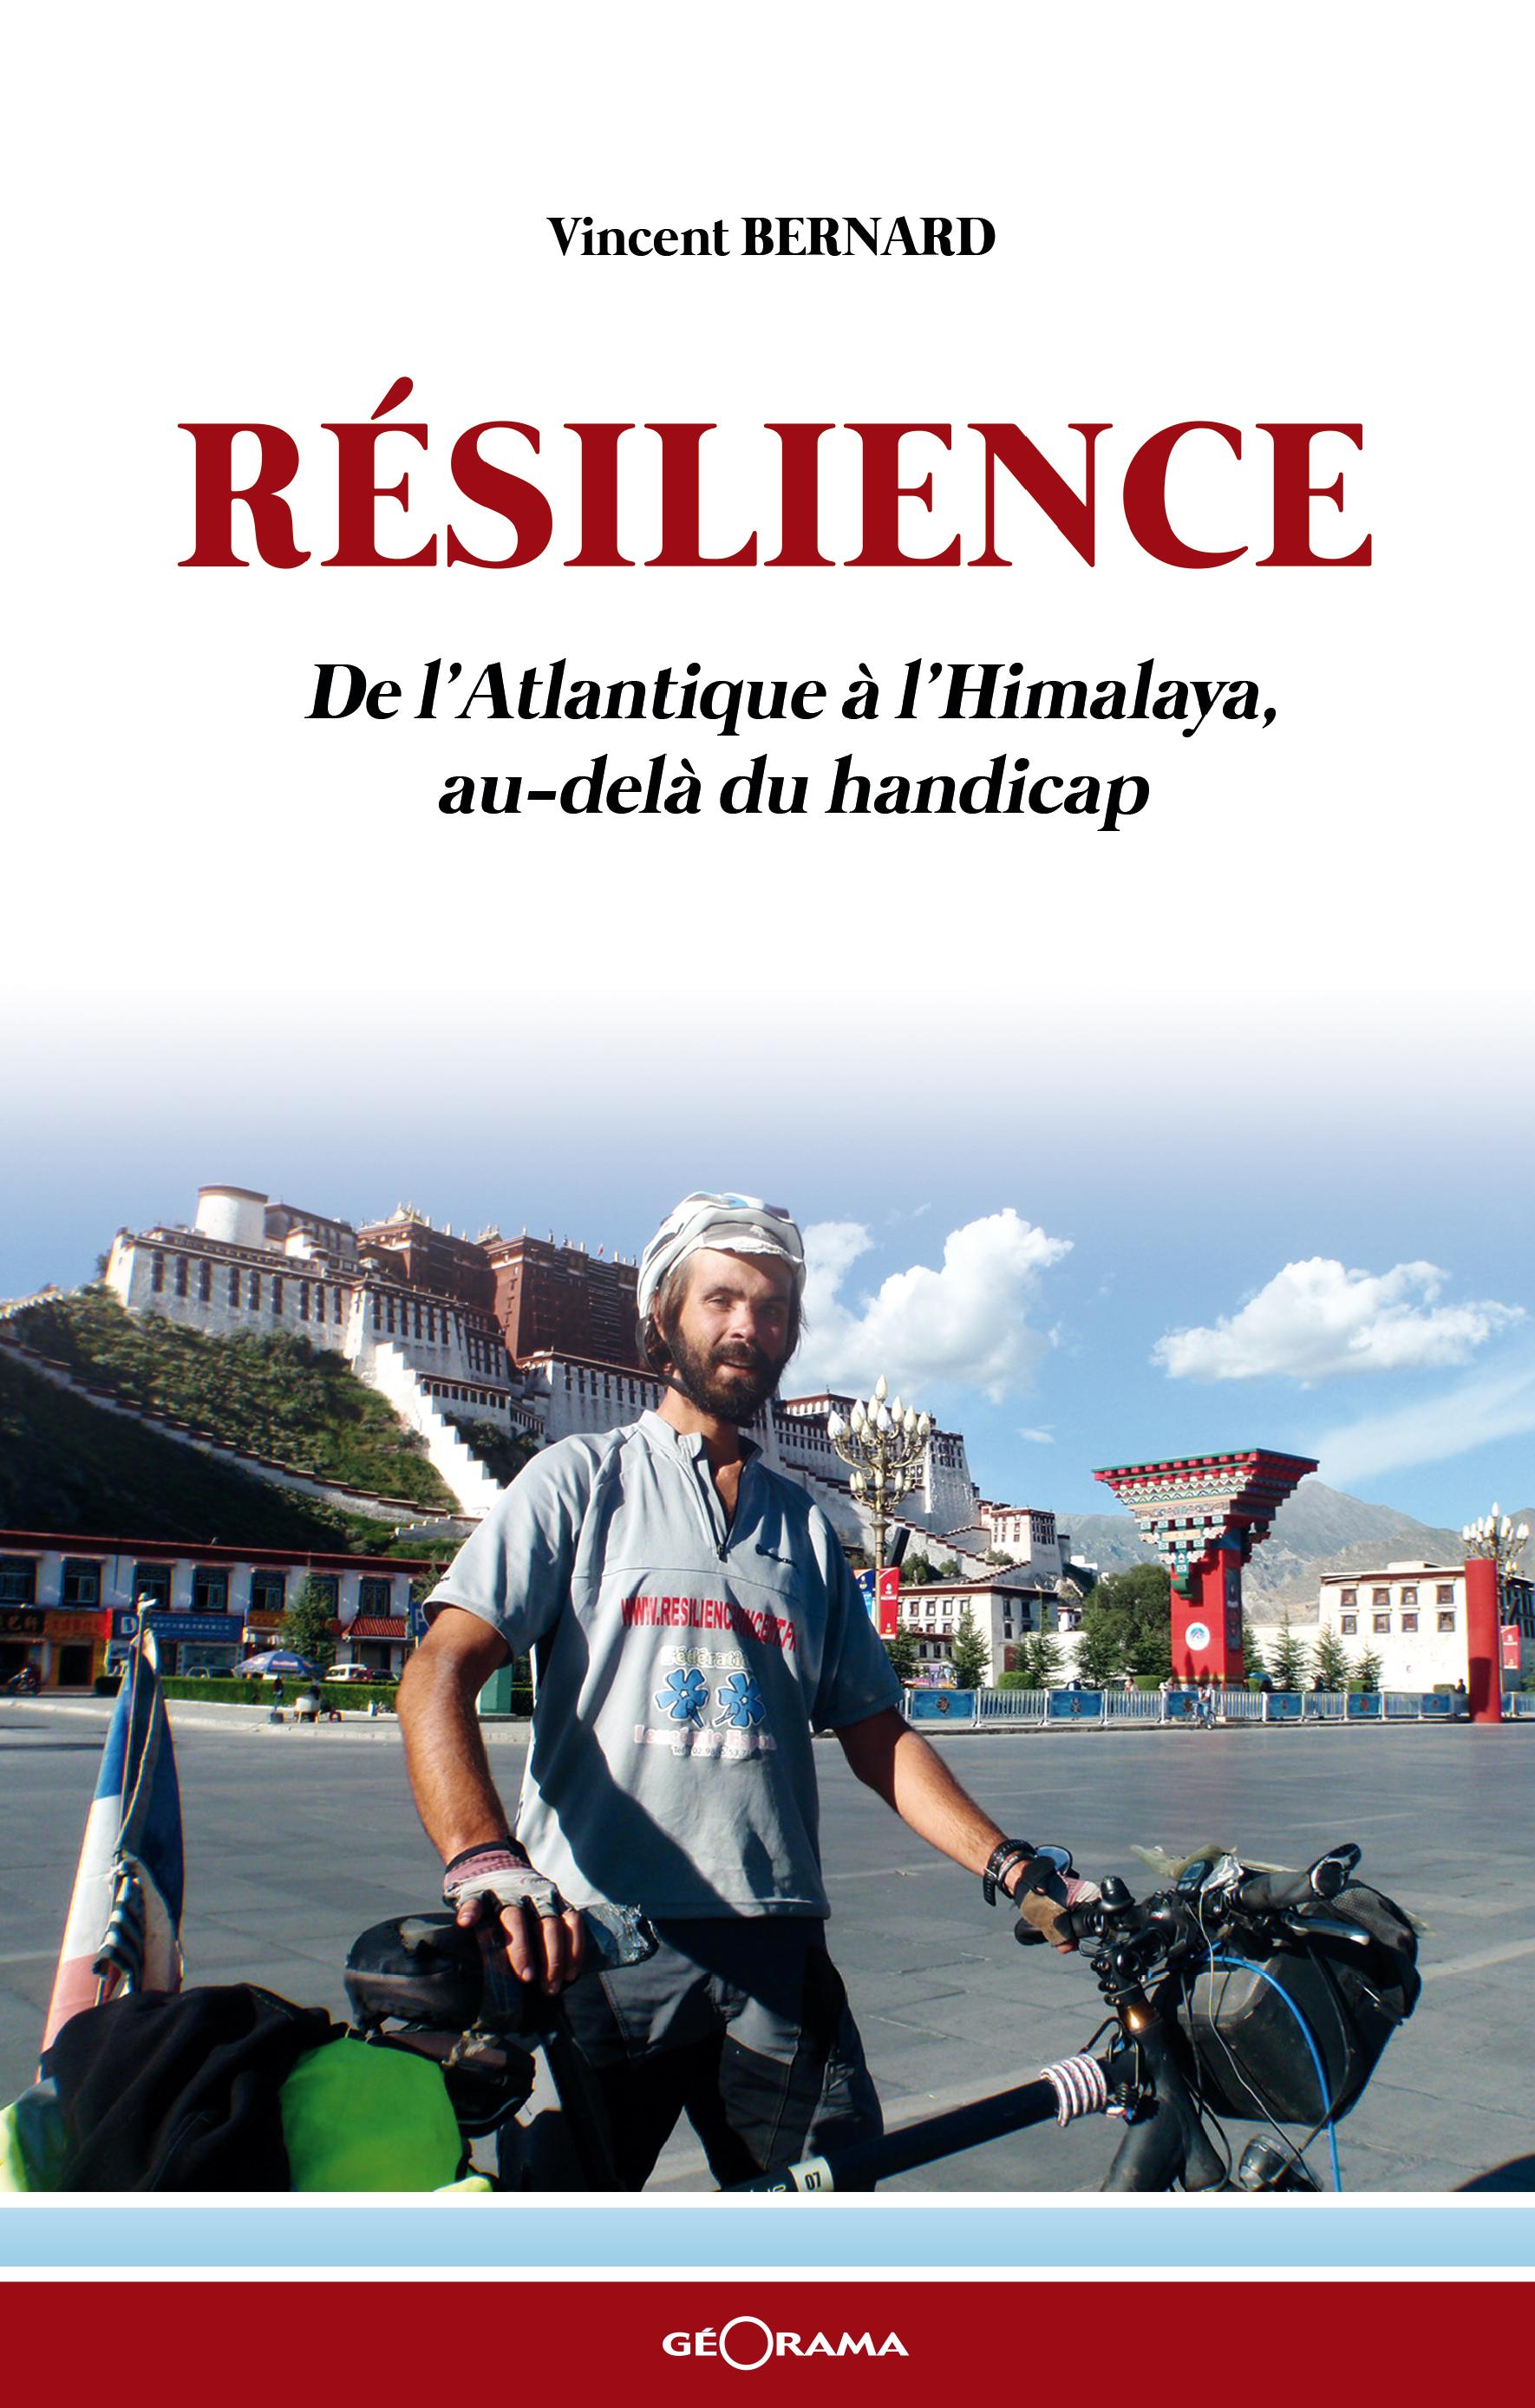 Résilience, DE L'ATLANTIQUE À L'HIMALAYA, AU-DELÀ DU HANDICAP